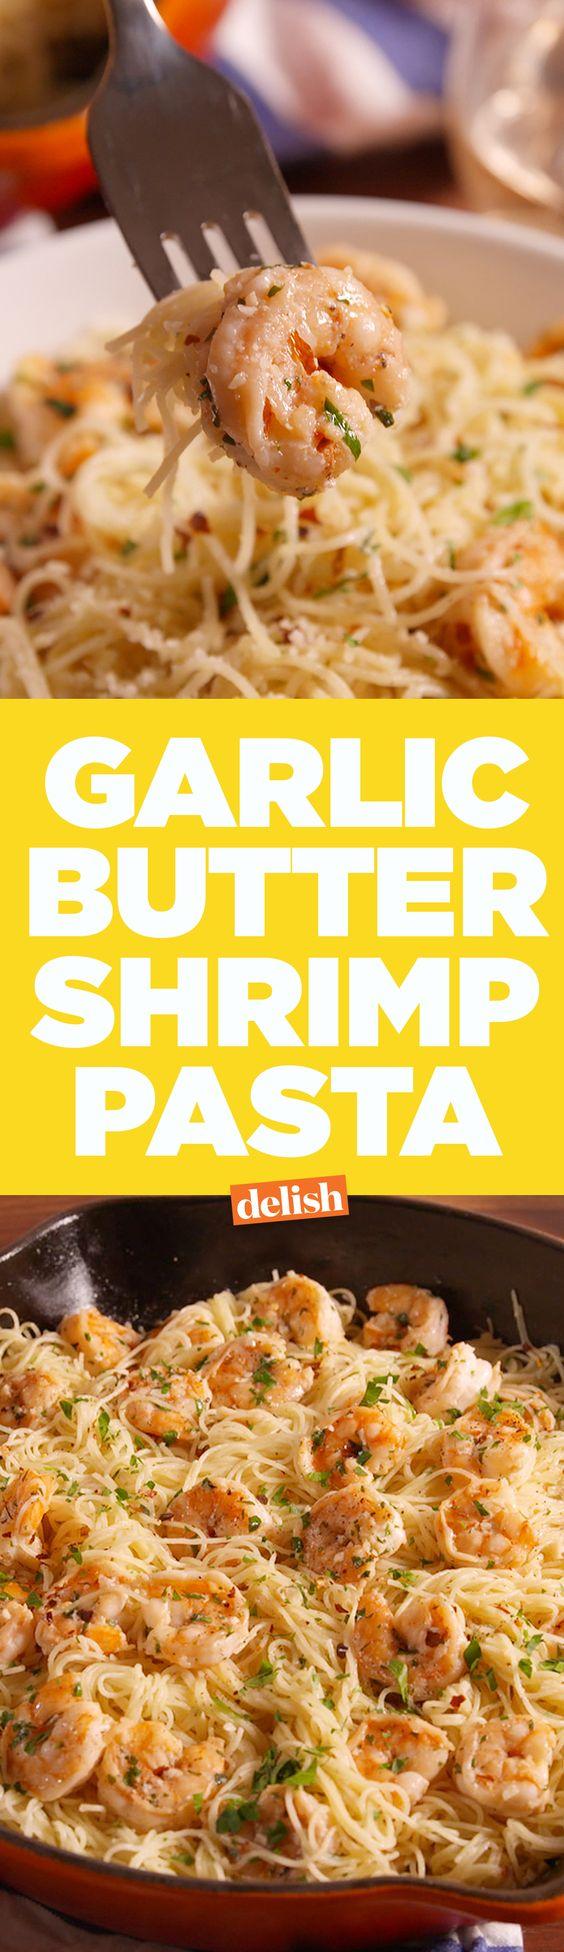 Garlic Butter Shrimp Pasta Garlic Butter Shrimp Pasta